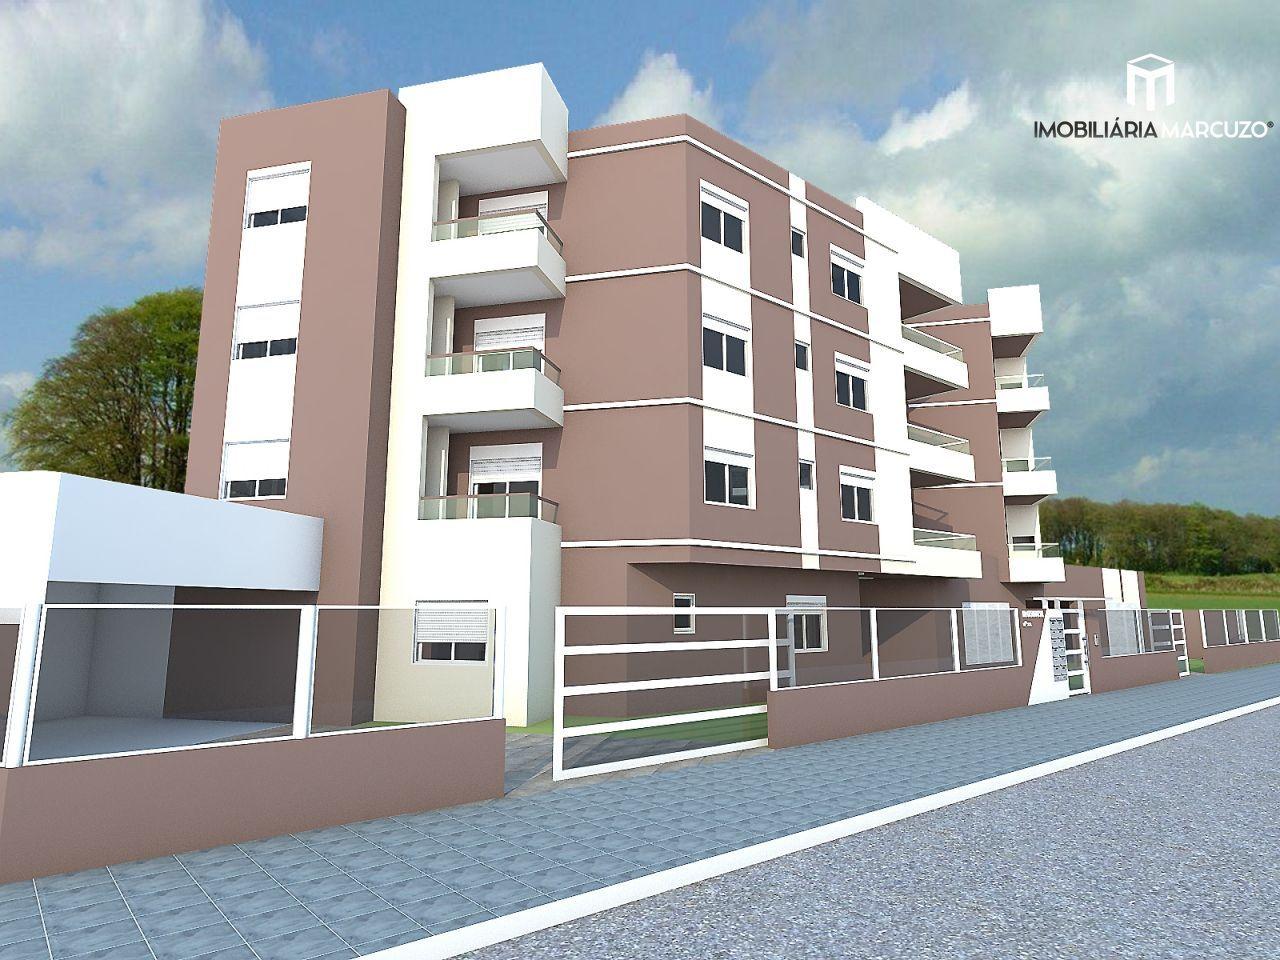 Apartamento com 2 Dormitórios à venda, 77 m² por R$ 315.000,00